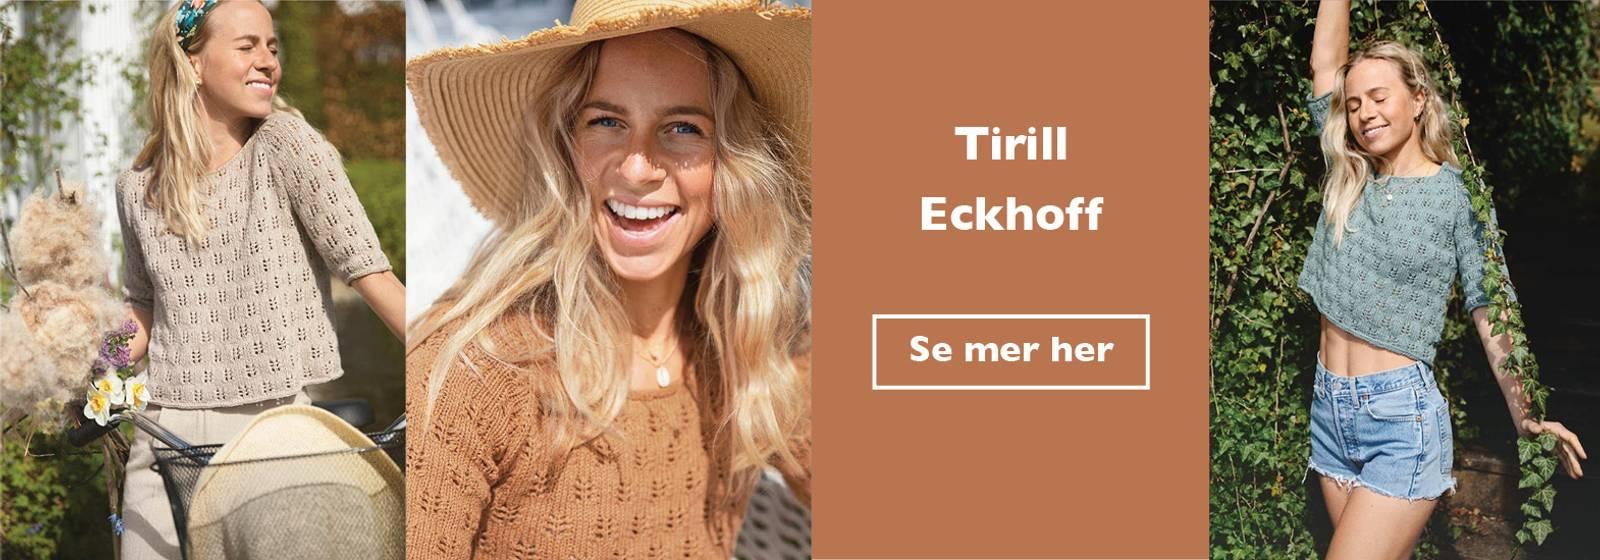 TIRILL ECKHOFF HAVRE